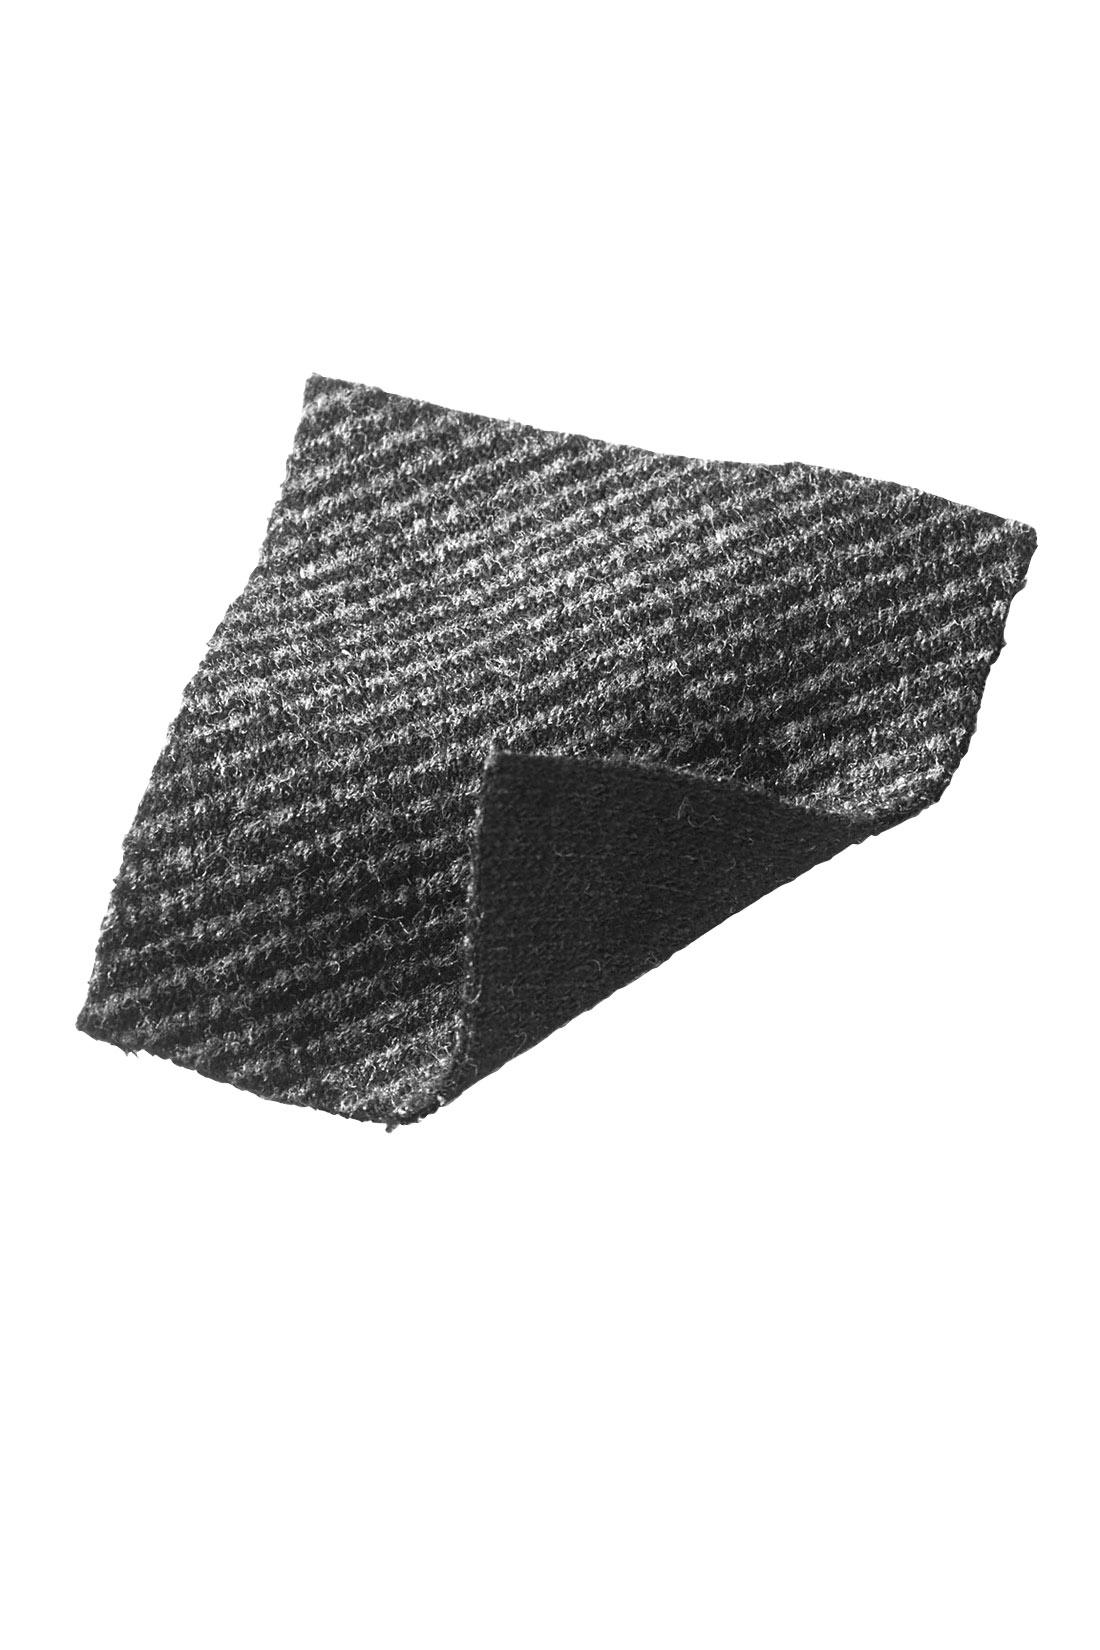 バイアスストライプ調×ブラックの無地で二つの表情を楽しめます。カットソーなので、長く楽しめるアイテムです。